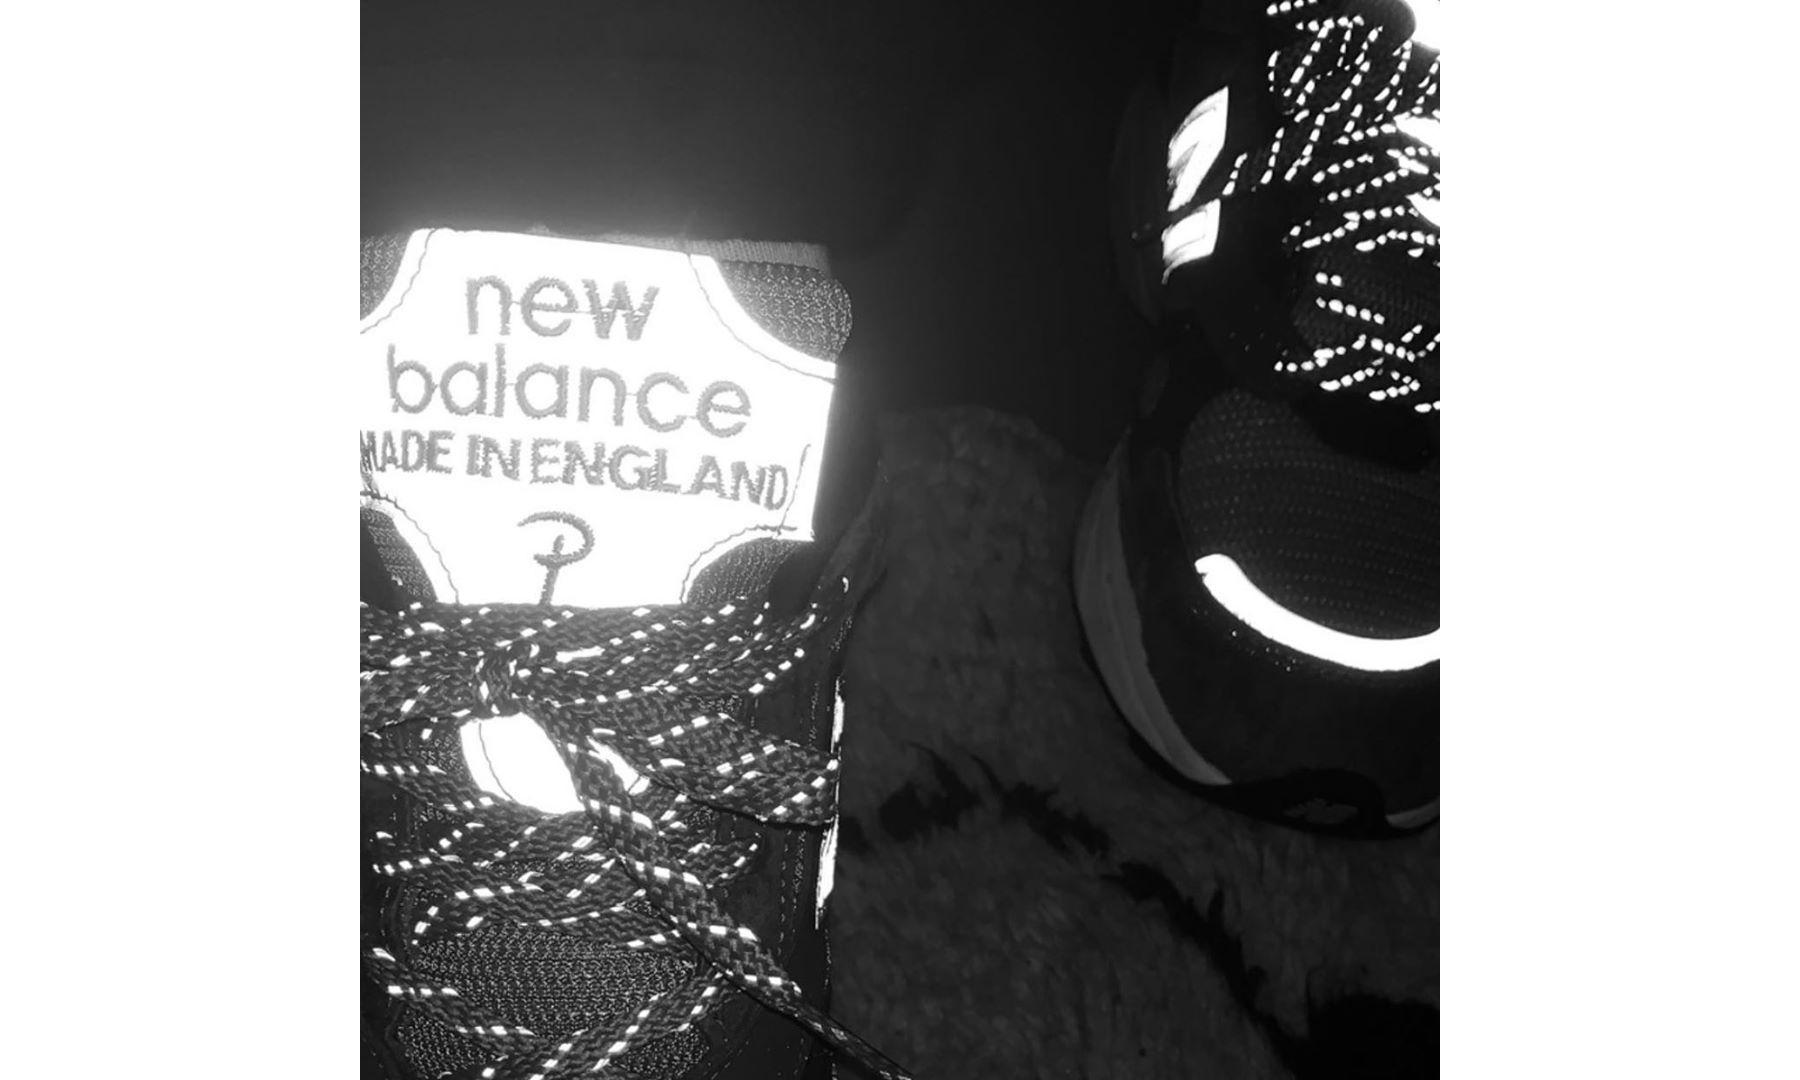 Patta x New Balance 全新联乘首度亮相